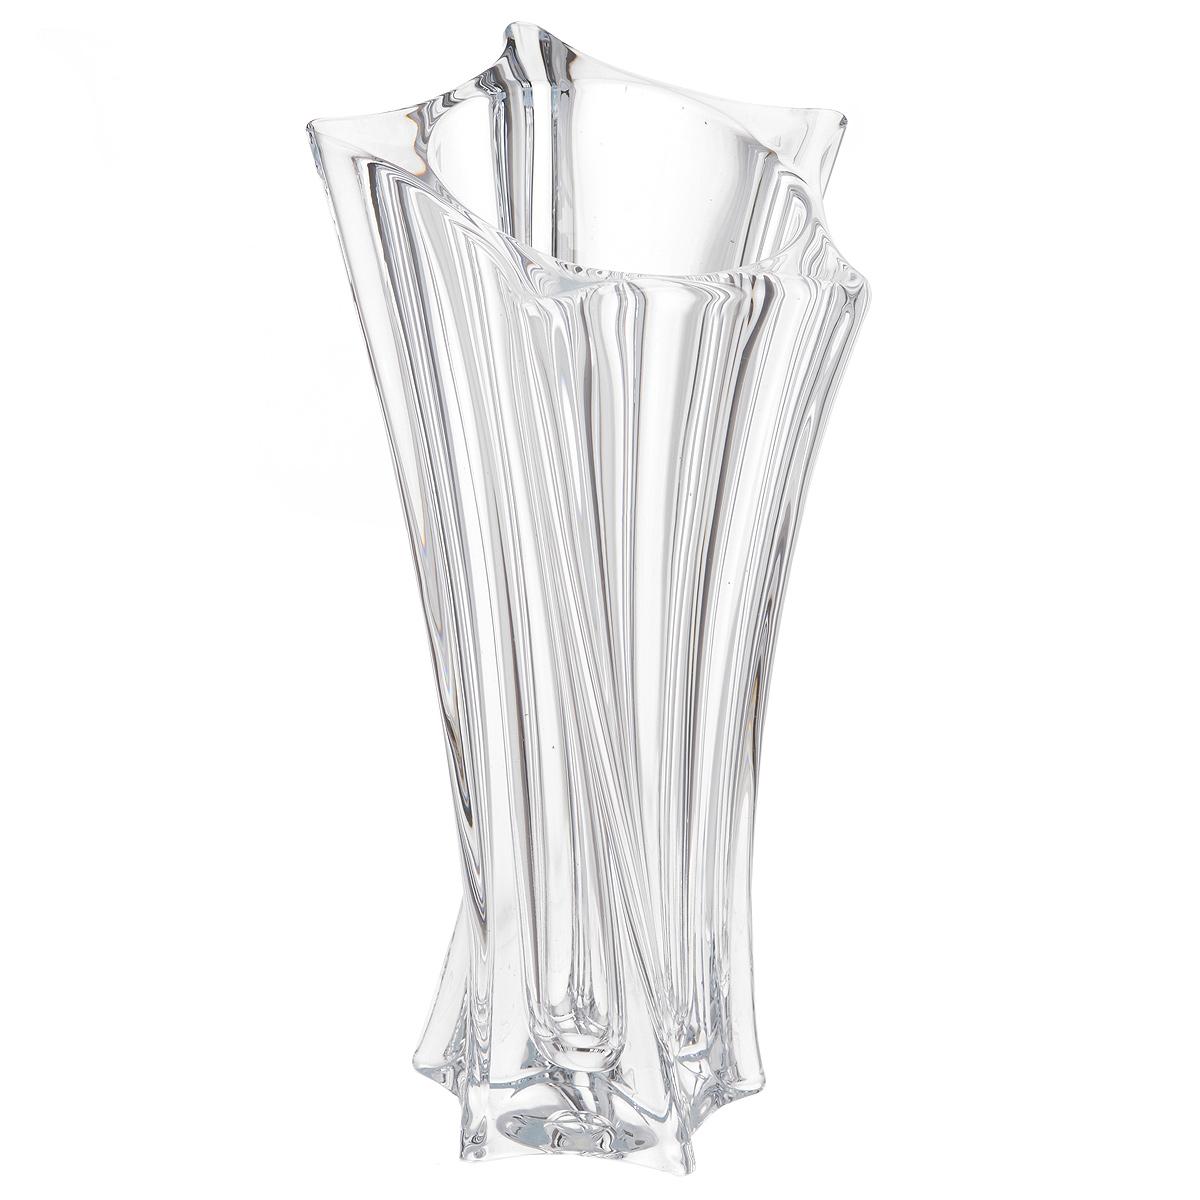 Ваза Crystalite Bohemia Йоко, высота 28 см8KF32/0/99P77/280Изящная ваза Crystalite Bohemia Йоко изготовлена из прочного утолщенного стекла кристалайт. Она красиво переливается и излучает приятный блеск. Верхнее и нижнее основания вазы выполнены в виде пятиконечных звезд, что делает ее оригинальным украшением интерьера. Ваза Crystalite Bohemia Йоко дополнит интерьер офиса или дома и станет желанным и стильным подарком.